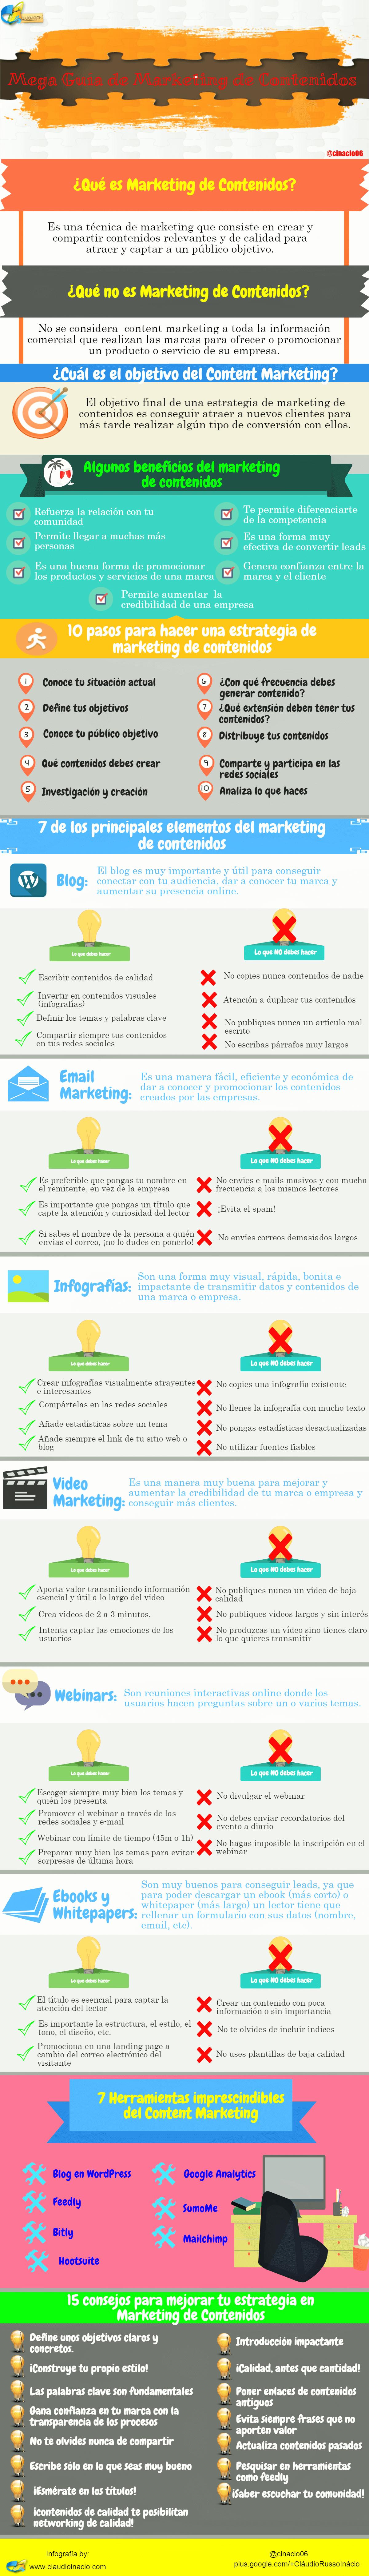 infografía mega guía de marketing de contenidos